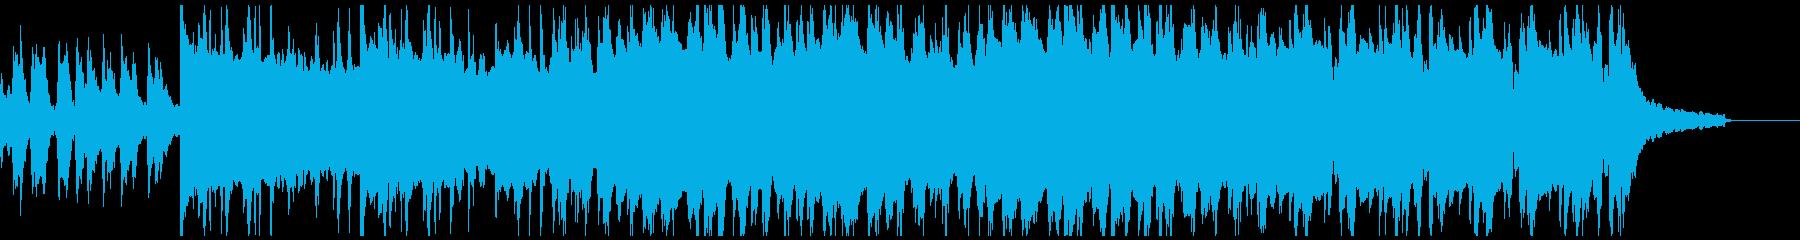 ウクレレ・陽気・ハッピー・夏の再生済みの波形